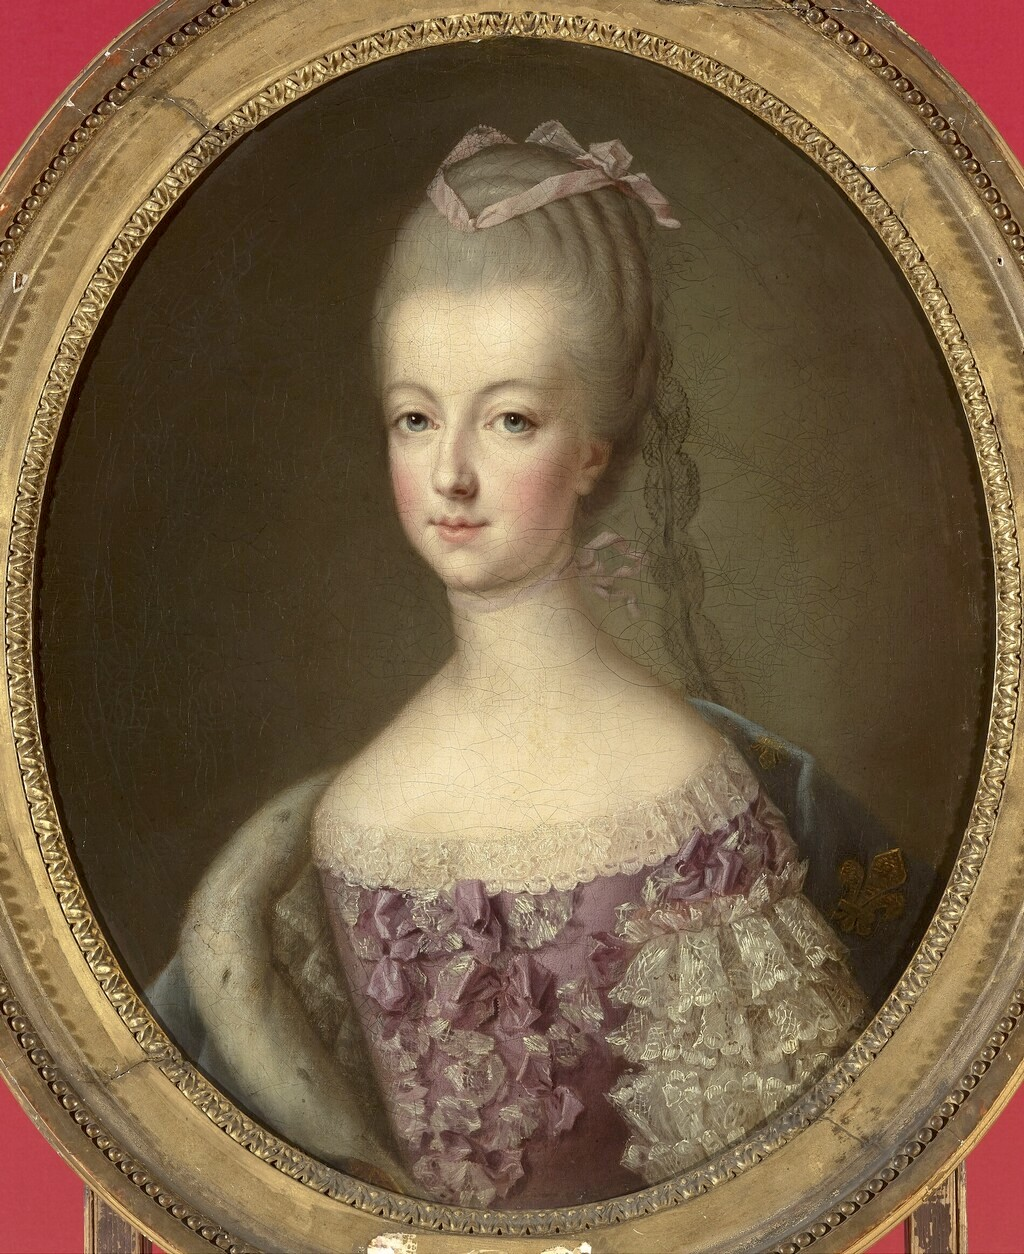 Portraits de Marie-Antoinette par et d'après François-Hubert Drouais Image398